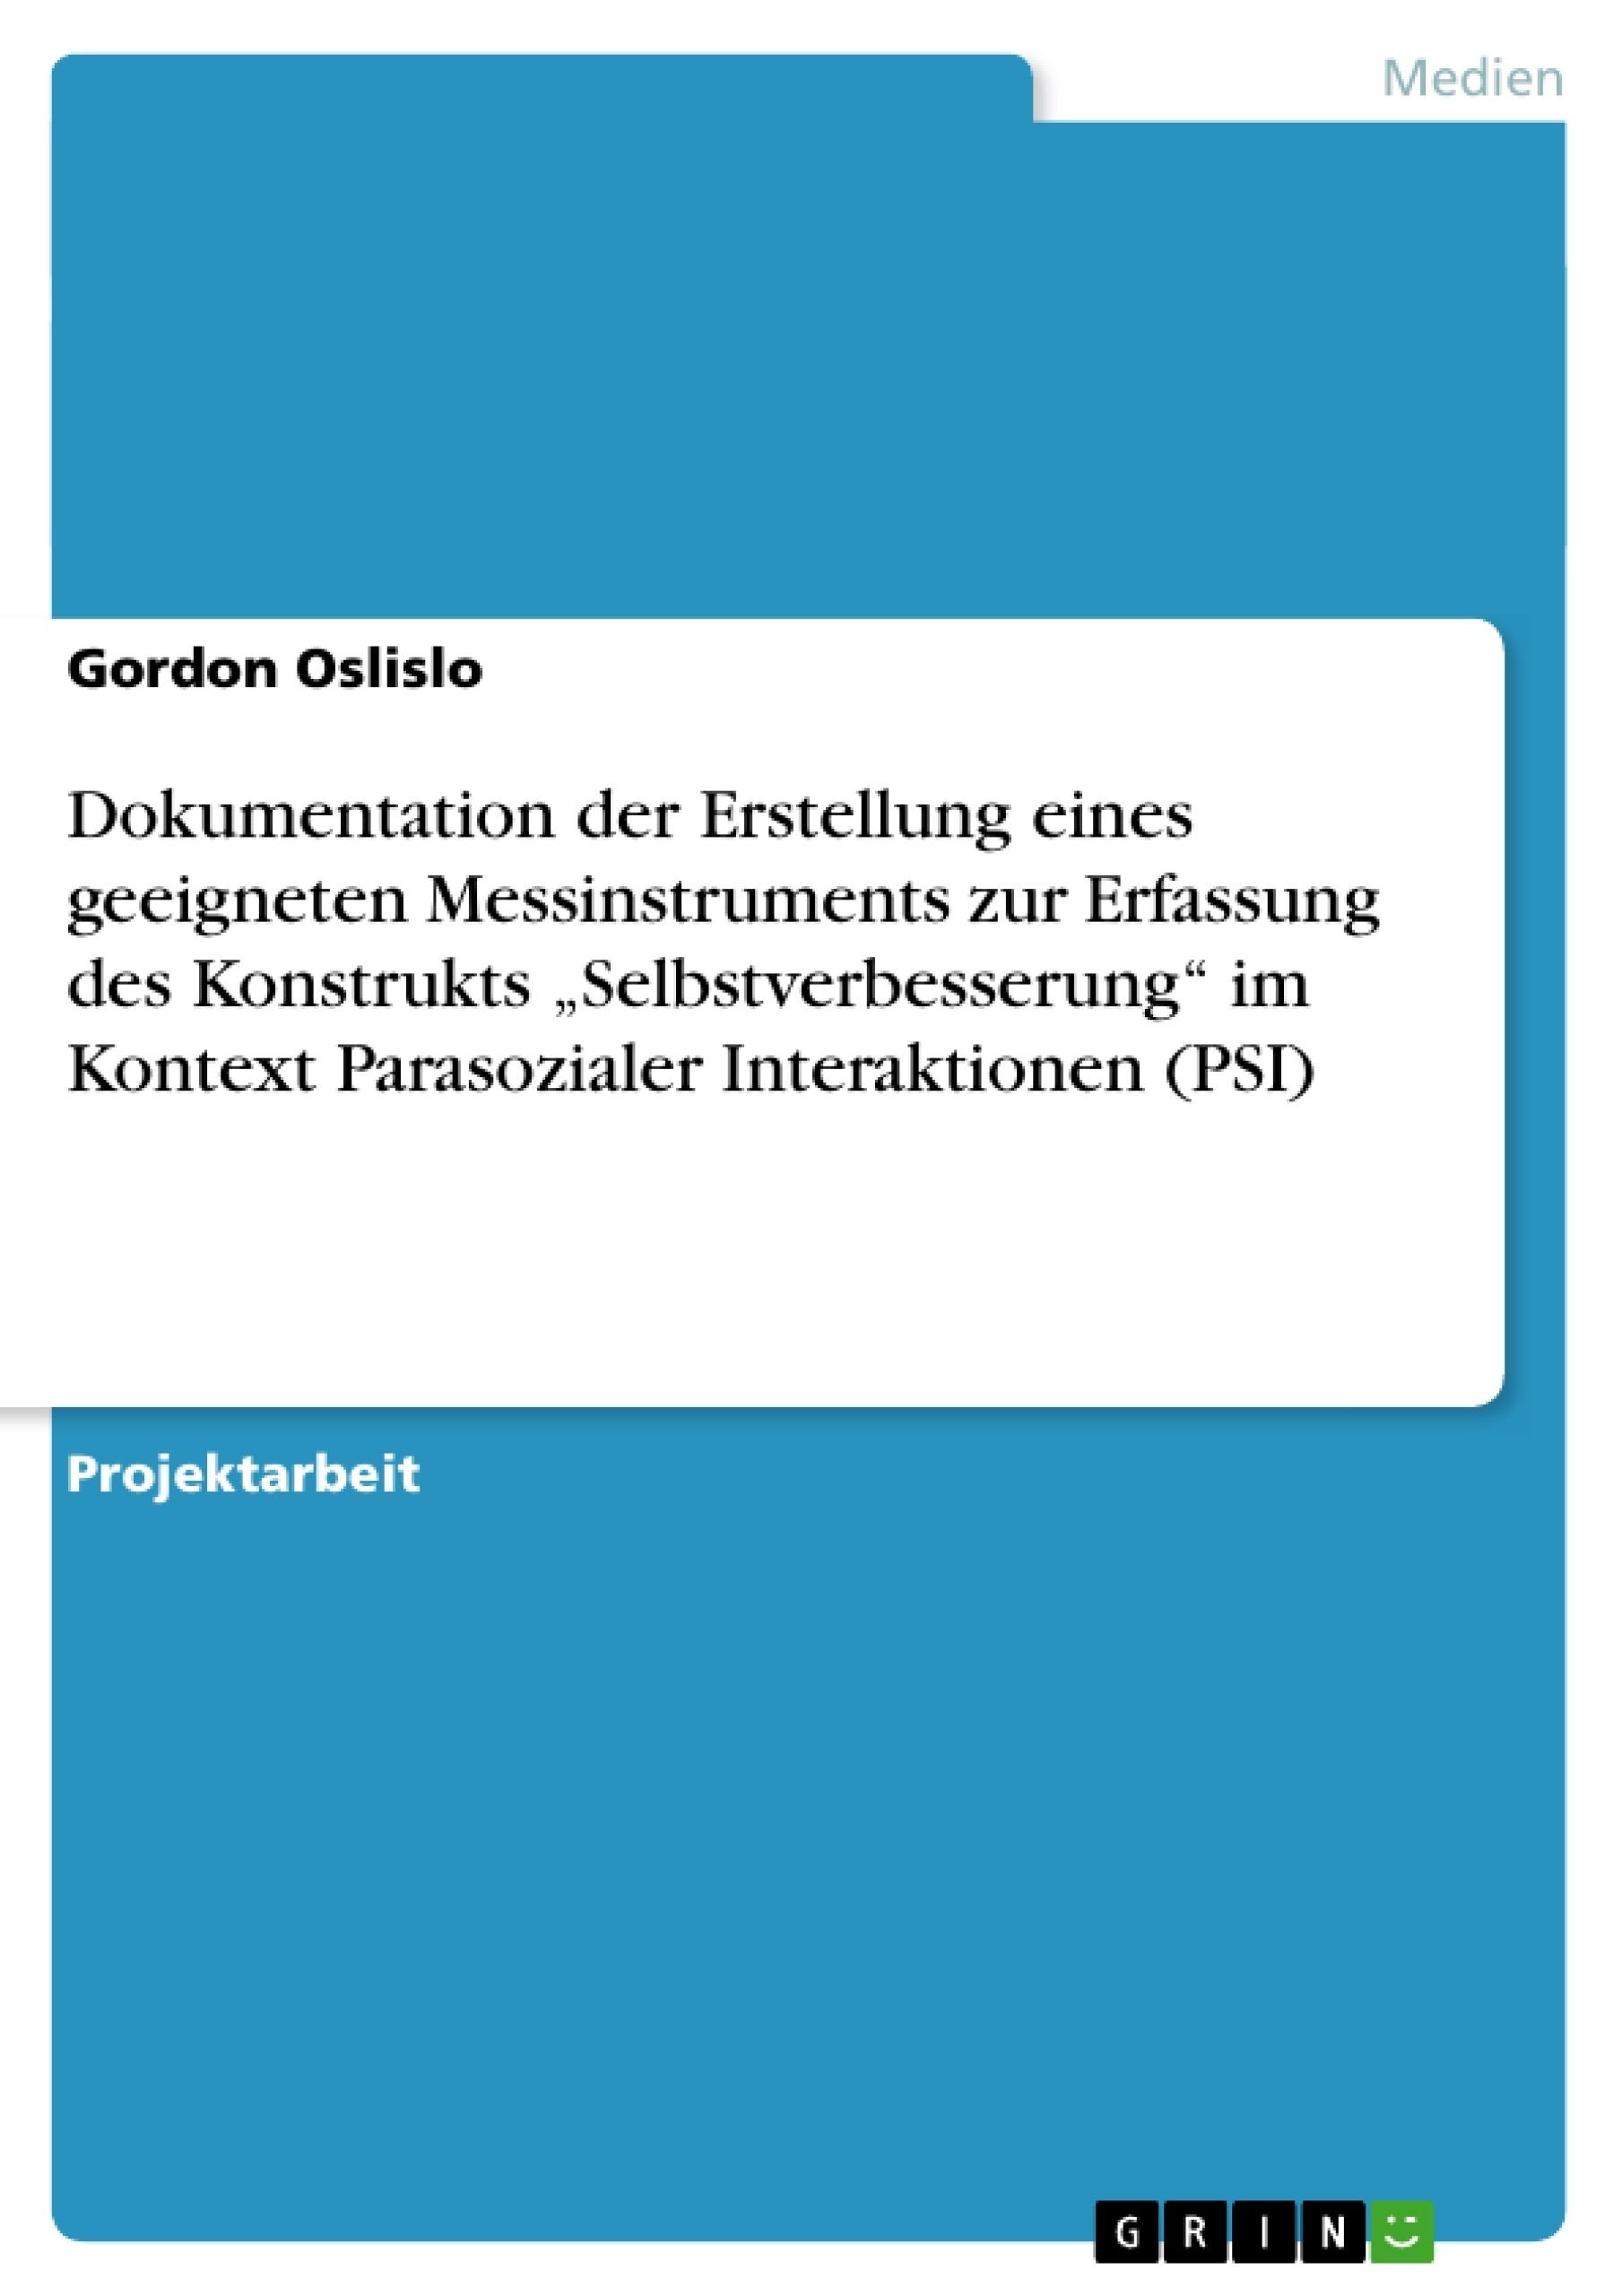 """Titel: Dokumentation der Erstellung eines geeigneten Messinstruments zur Erfassung des Konstrukts """"Selbstverbesserung"""" im Kontext Parasozialer Interaktionen (PSI)"""